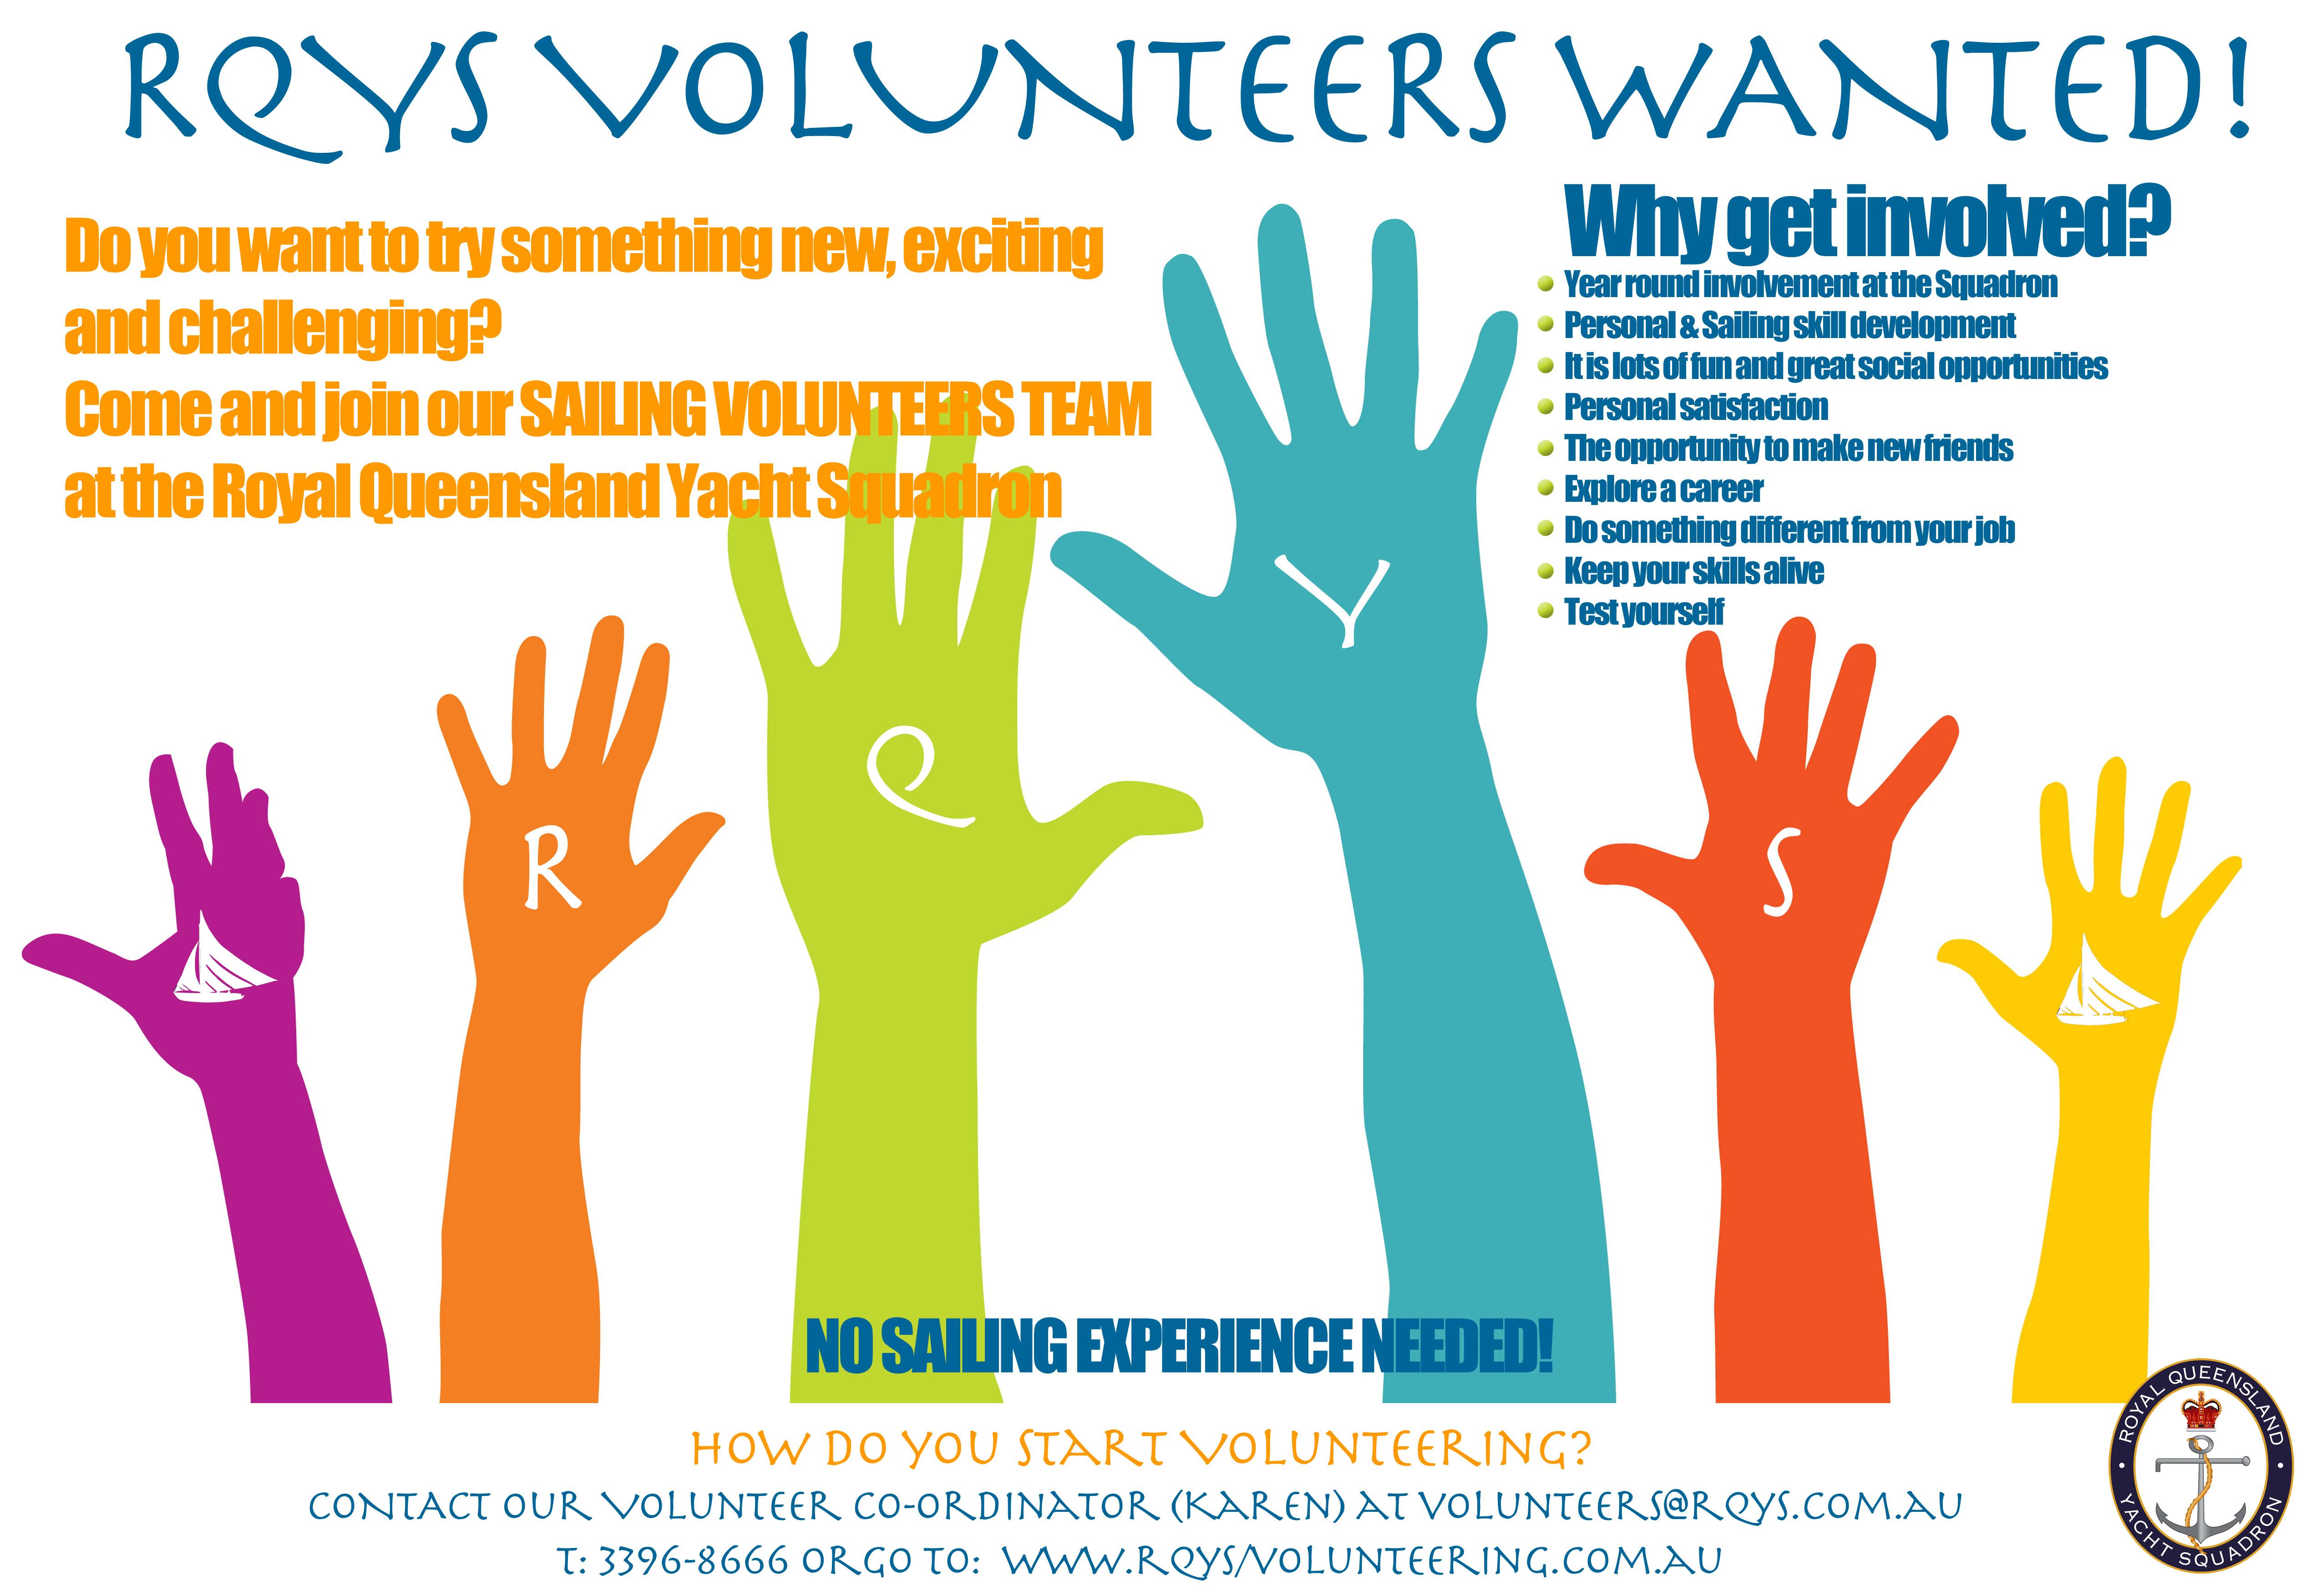 Volunteering volunteer poster solutioingenieria Image collections